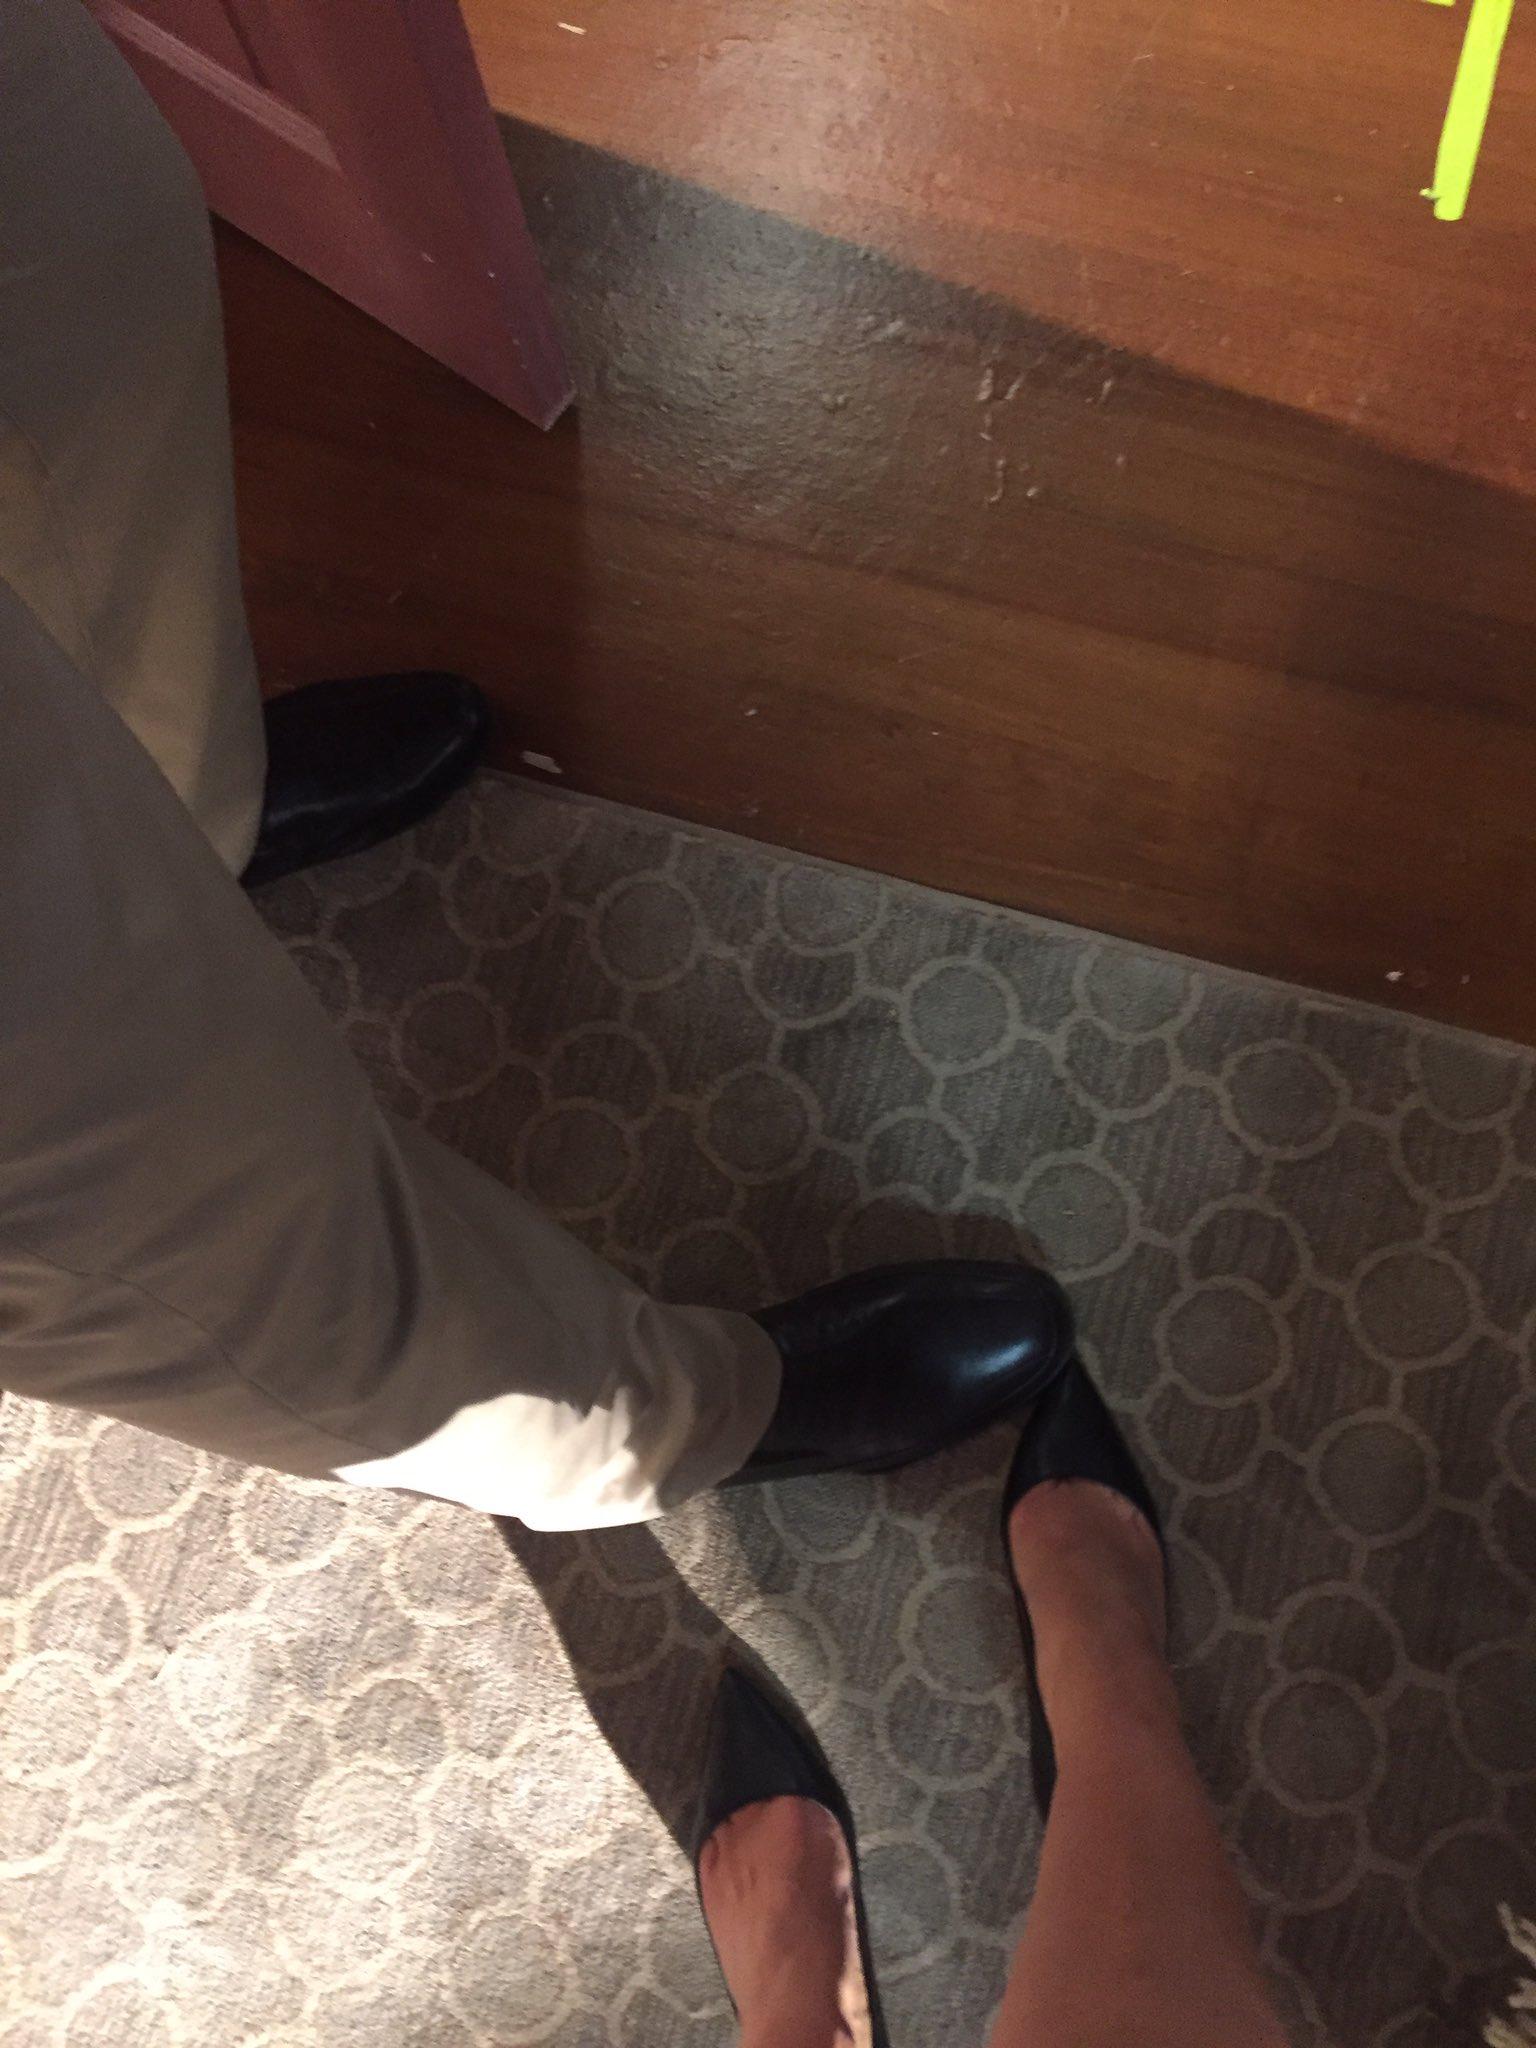 Feet melissa fumero Melissa Fumero